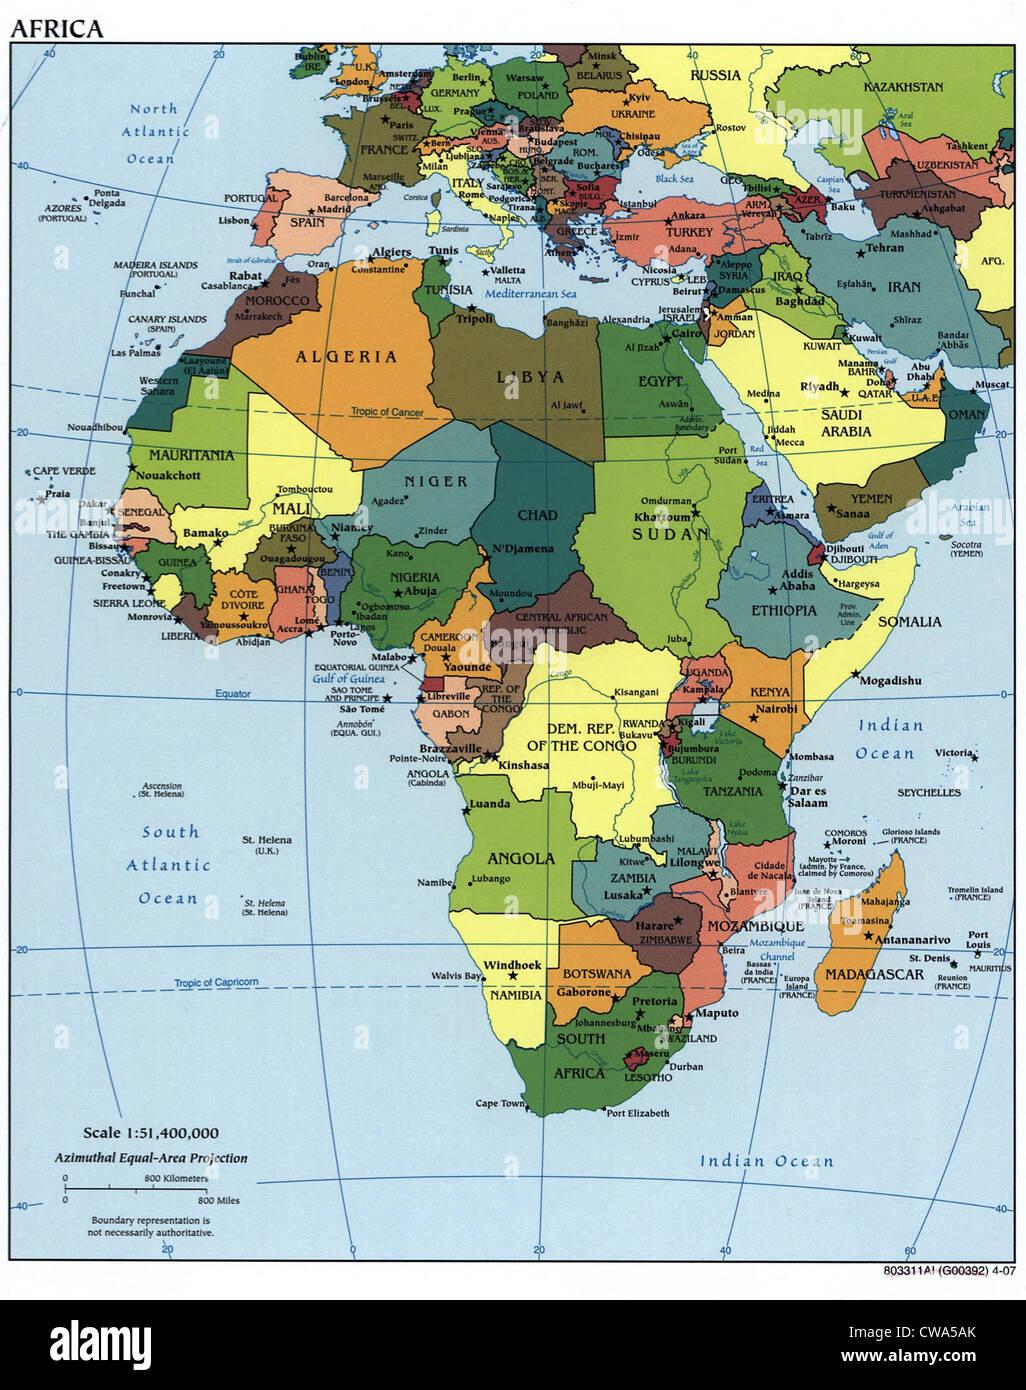 Mappa di Africa che mostra i confini nazionali, che riecheggiano nei primi anni del XX secolo frontiere coloniali. Foto Stock